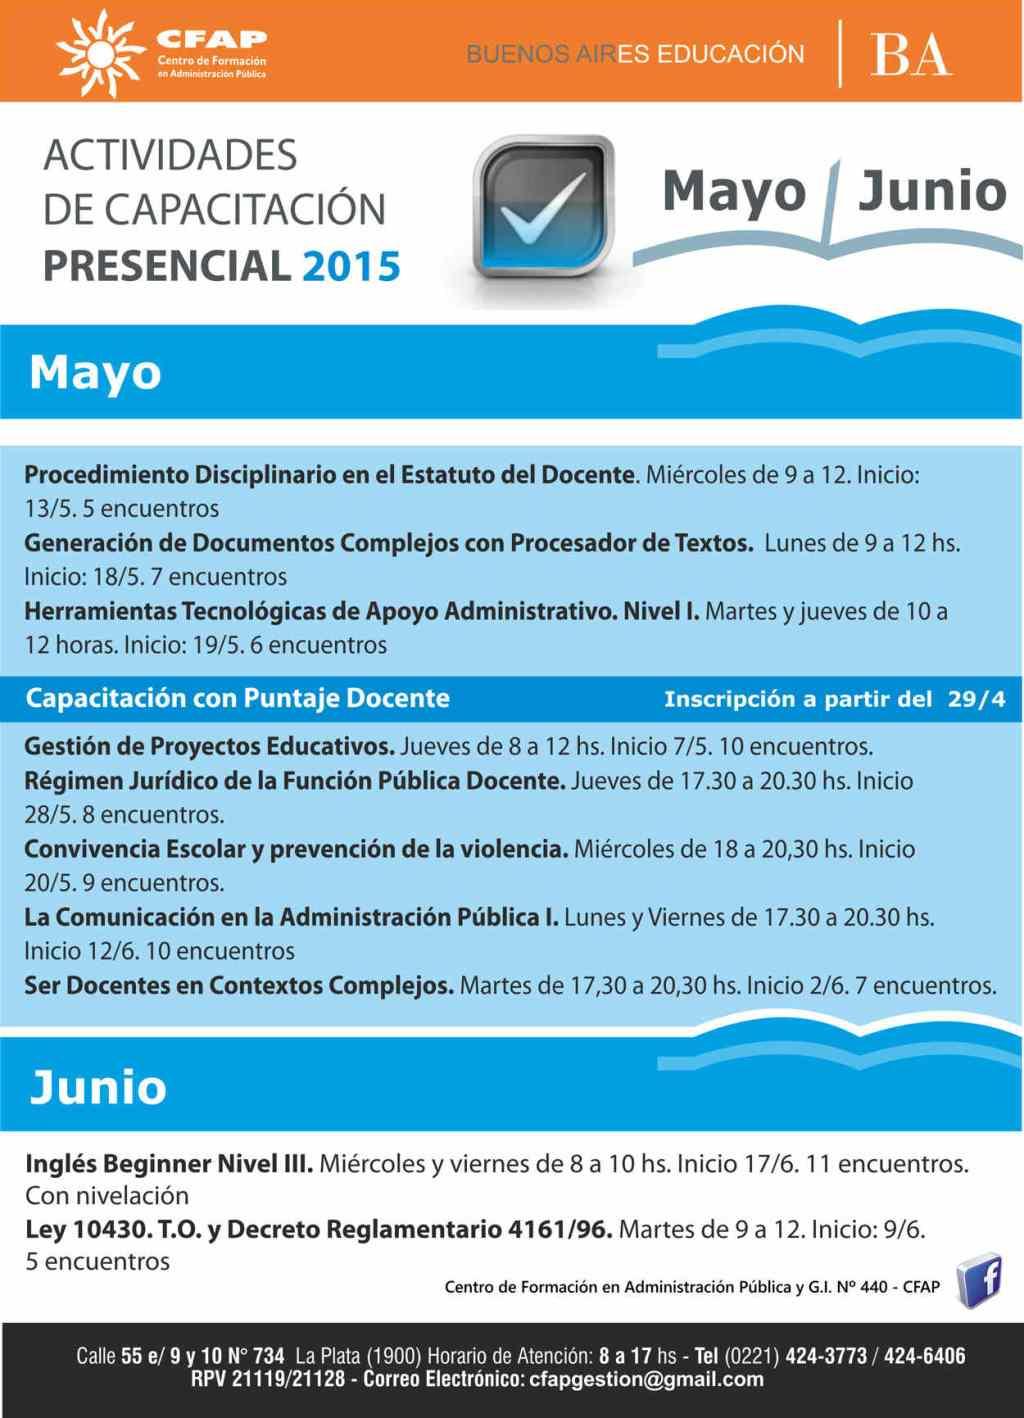 Capacitaciones MAYO - JUNIO Presenciales